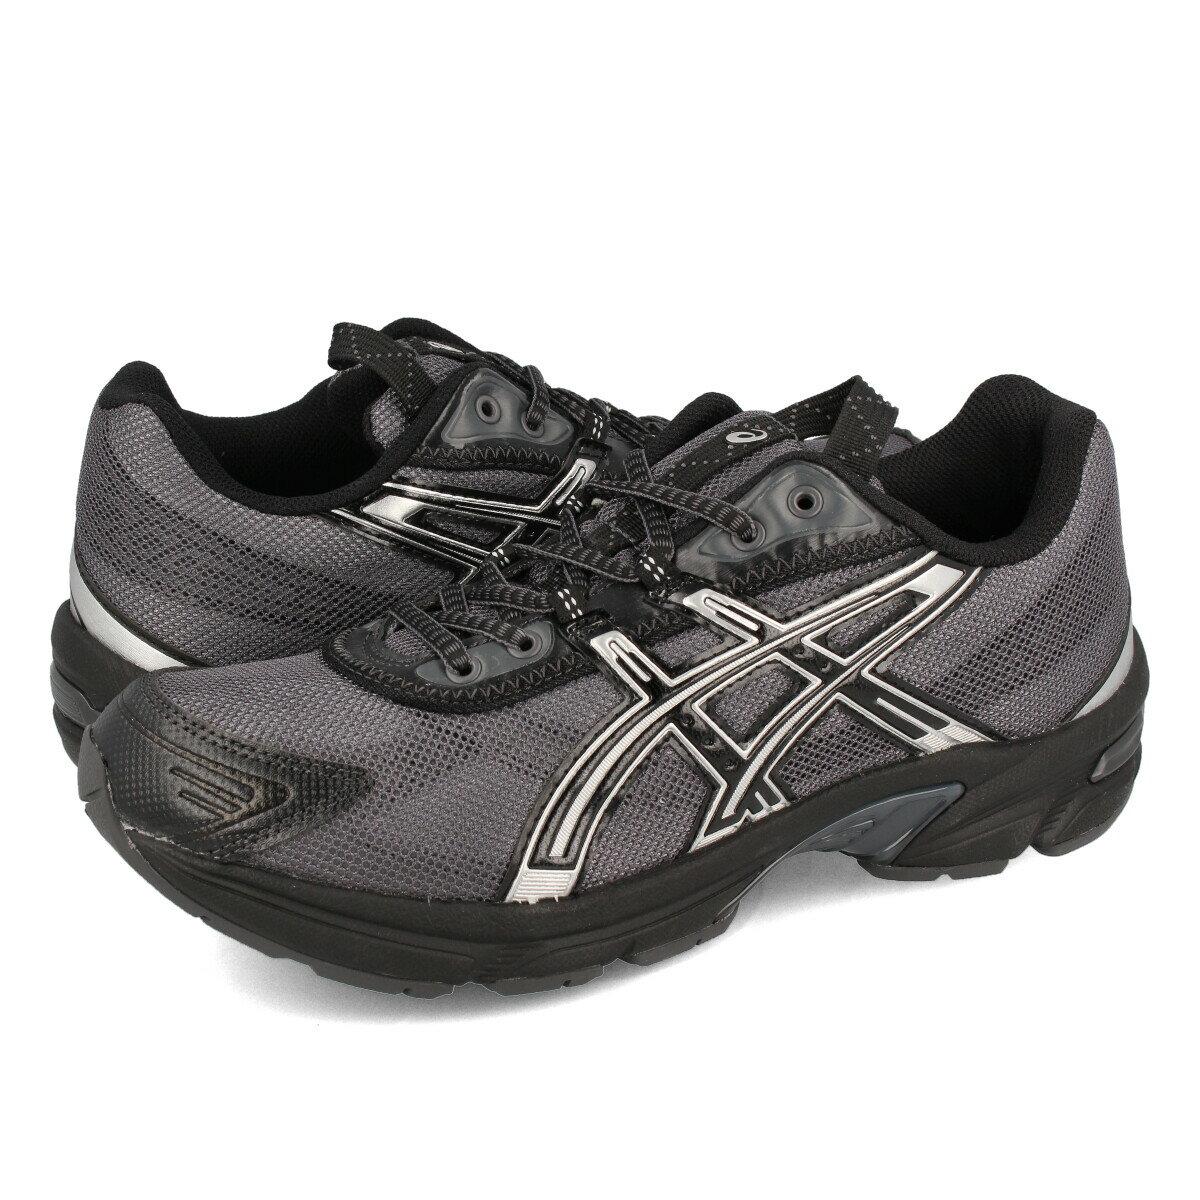 メンズ靴, スニーカー ASICS SPORTSTYLE UB2-S GEL-1130 KIKO KOSTADINOV UB2-S ASPHALTPURE SILVER 1201a291-020